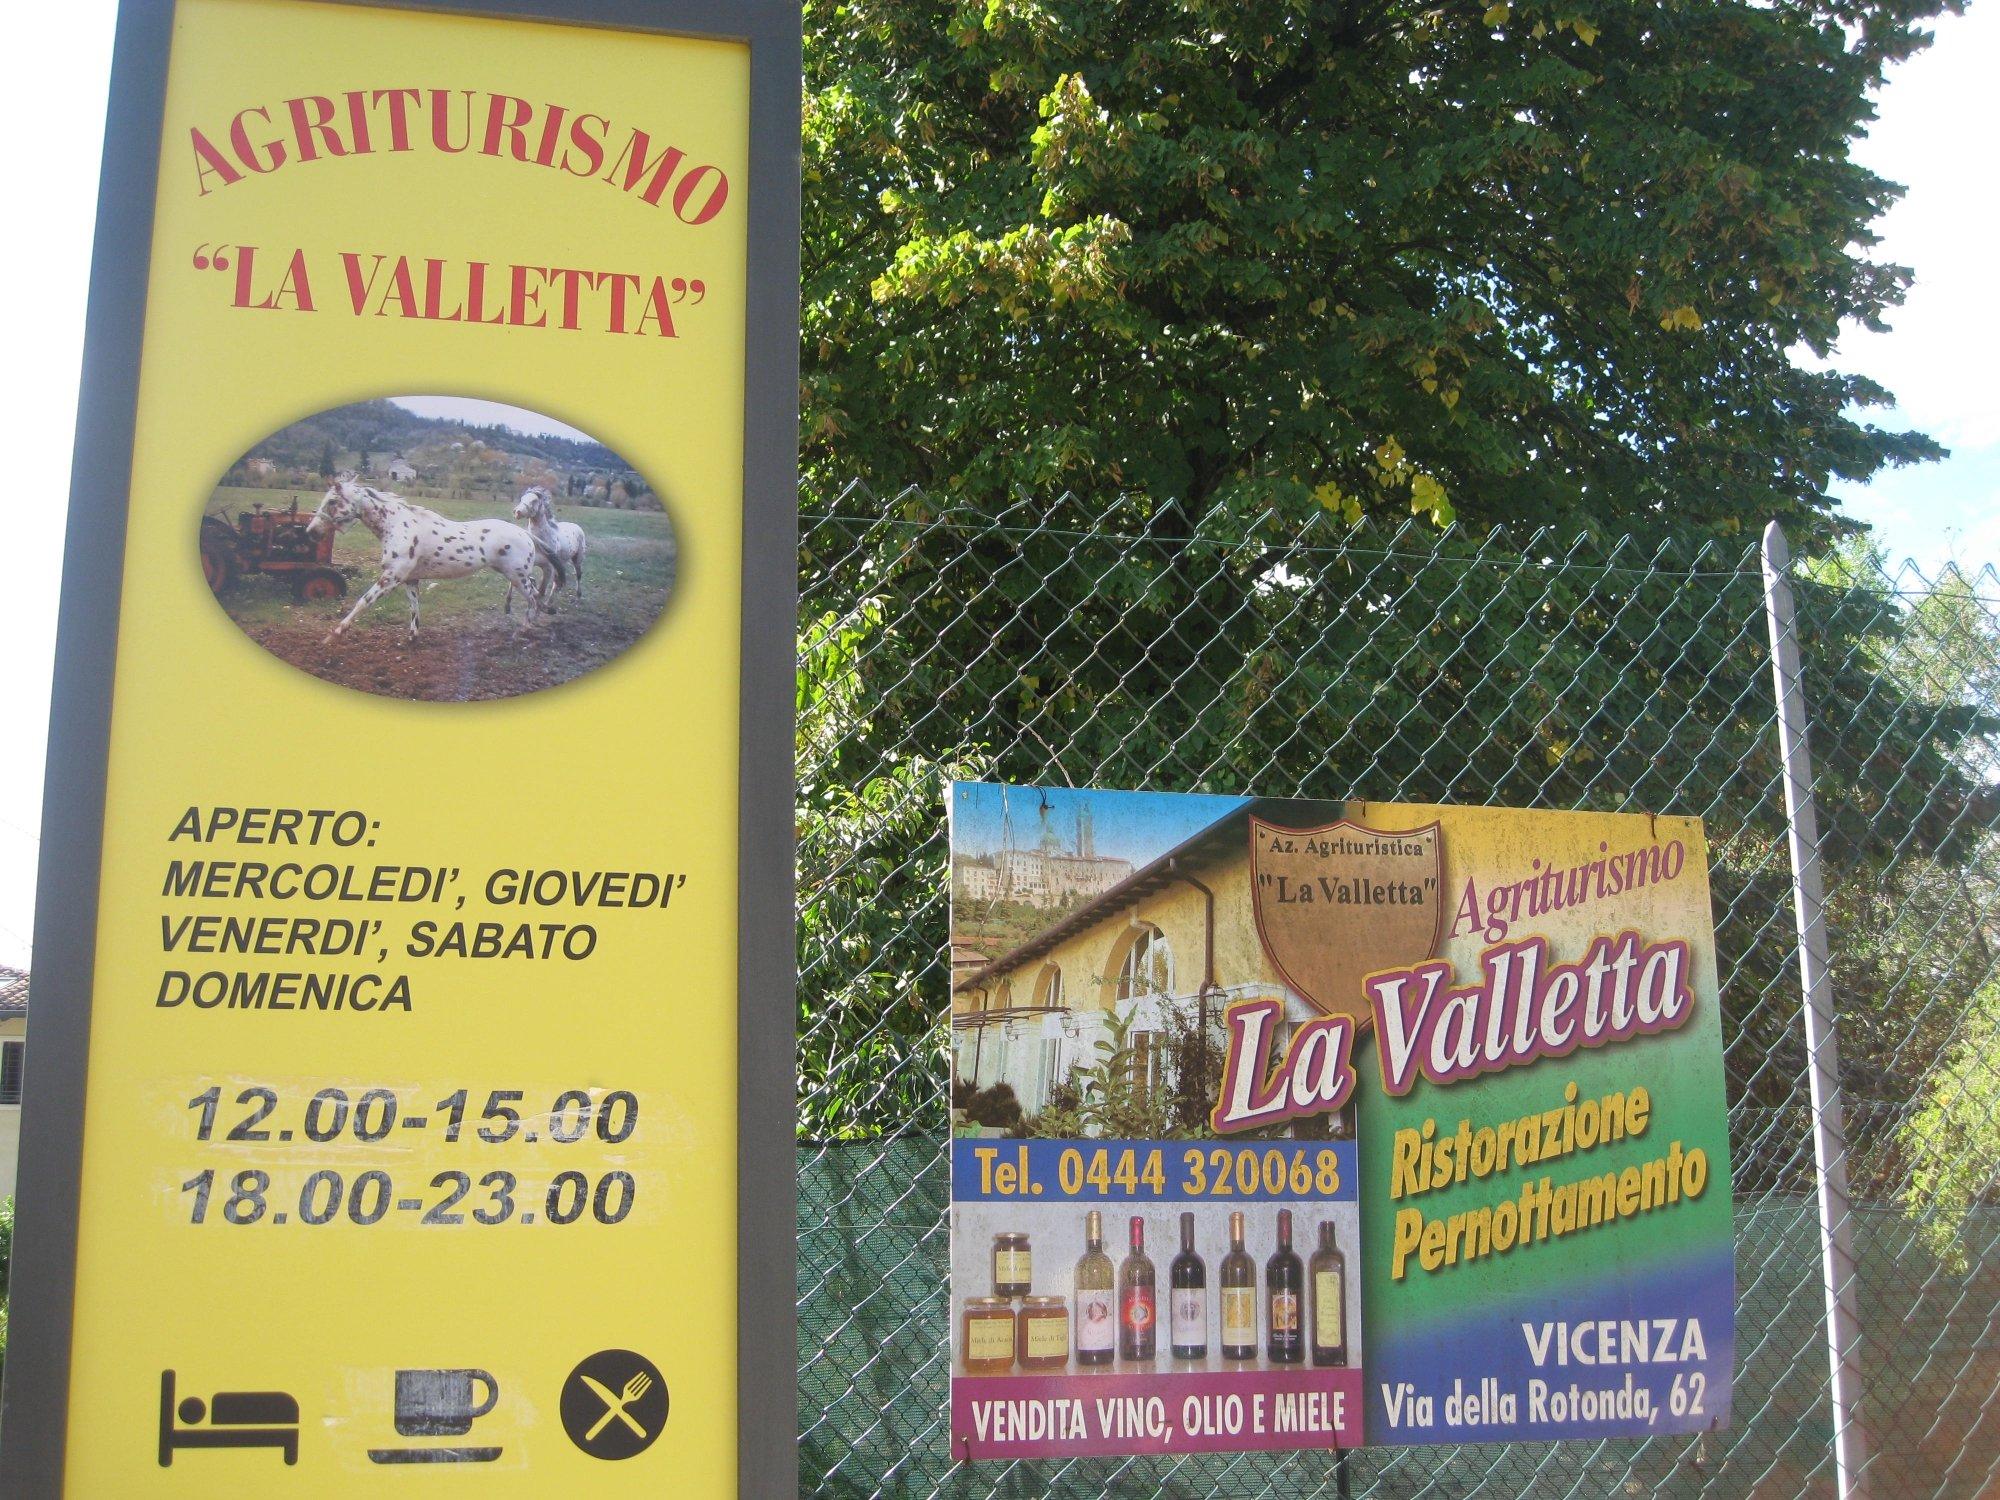 Agriturismo La Valletta